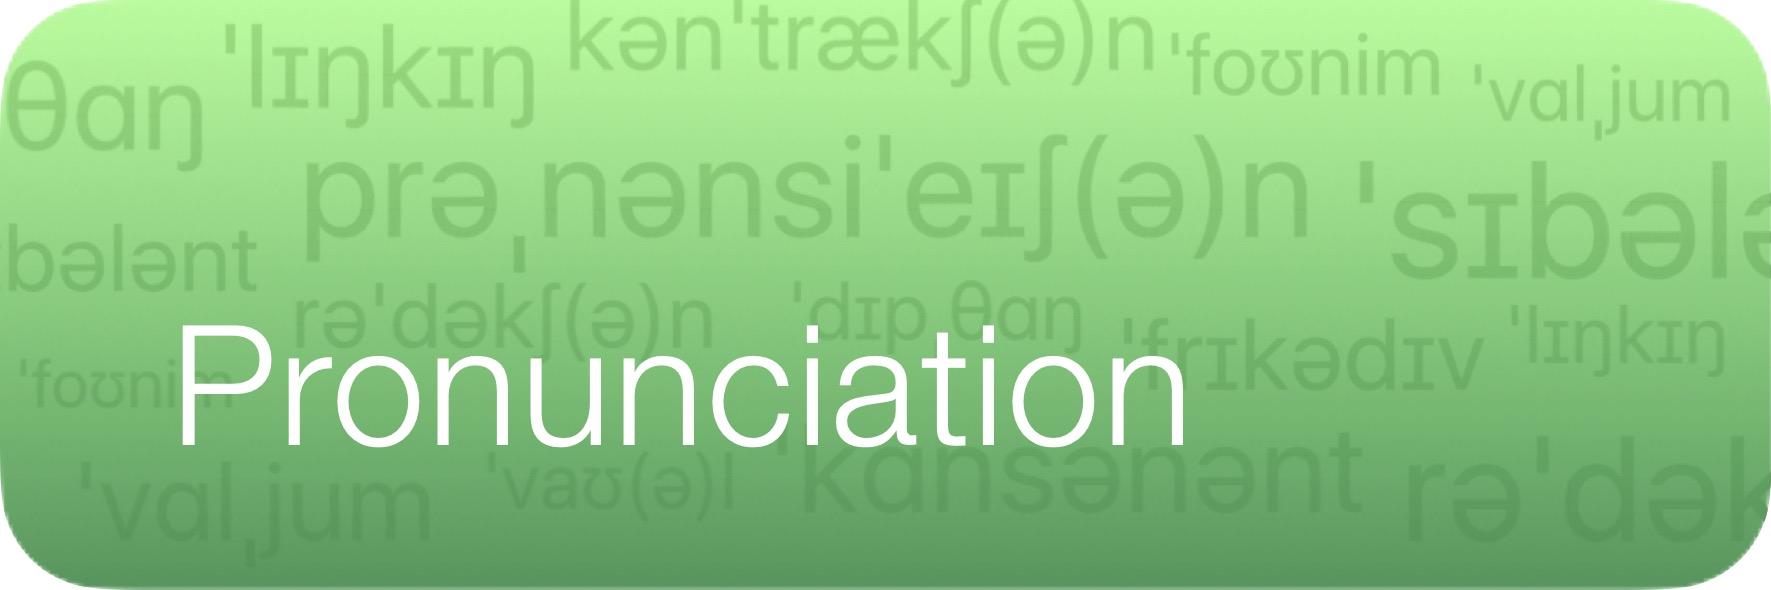 Pronunciation Page Button